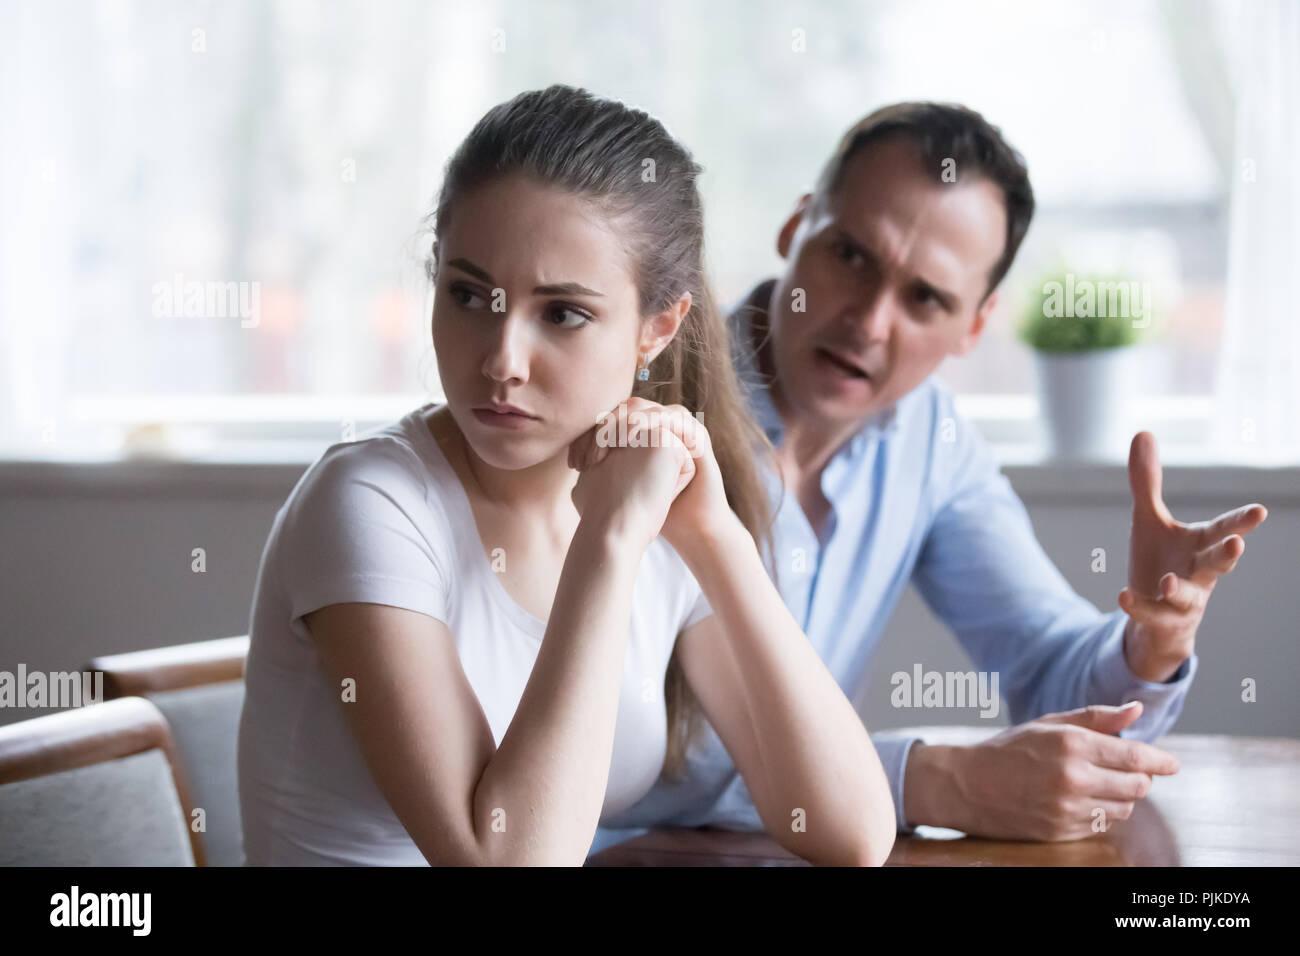 Mad Man schreien oder konferieren beleidigt junge Liebhaber Stockbild